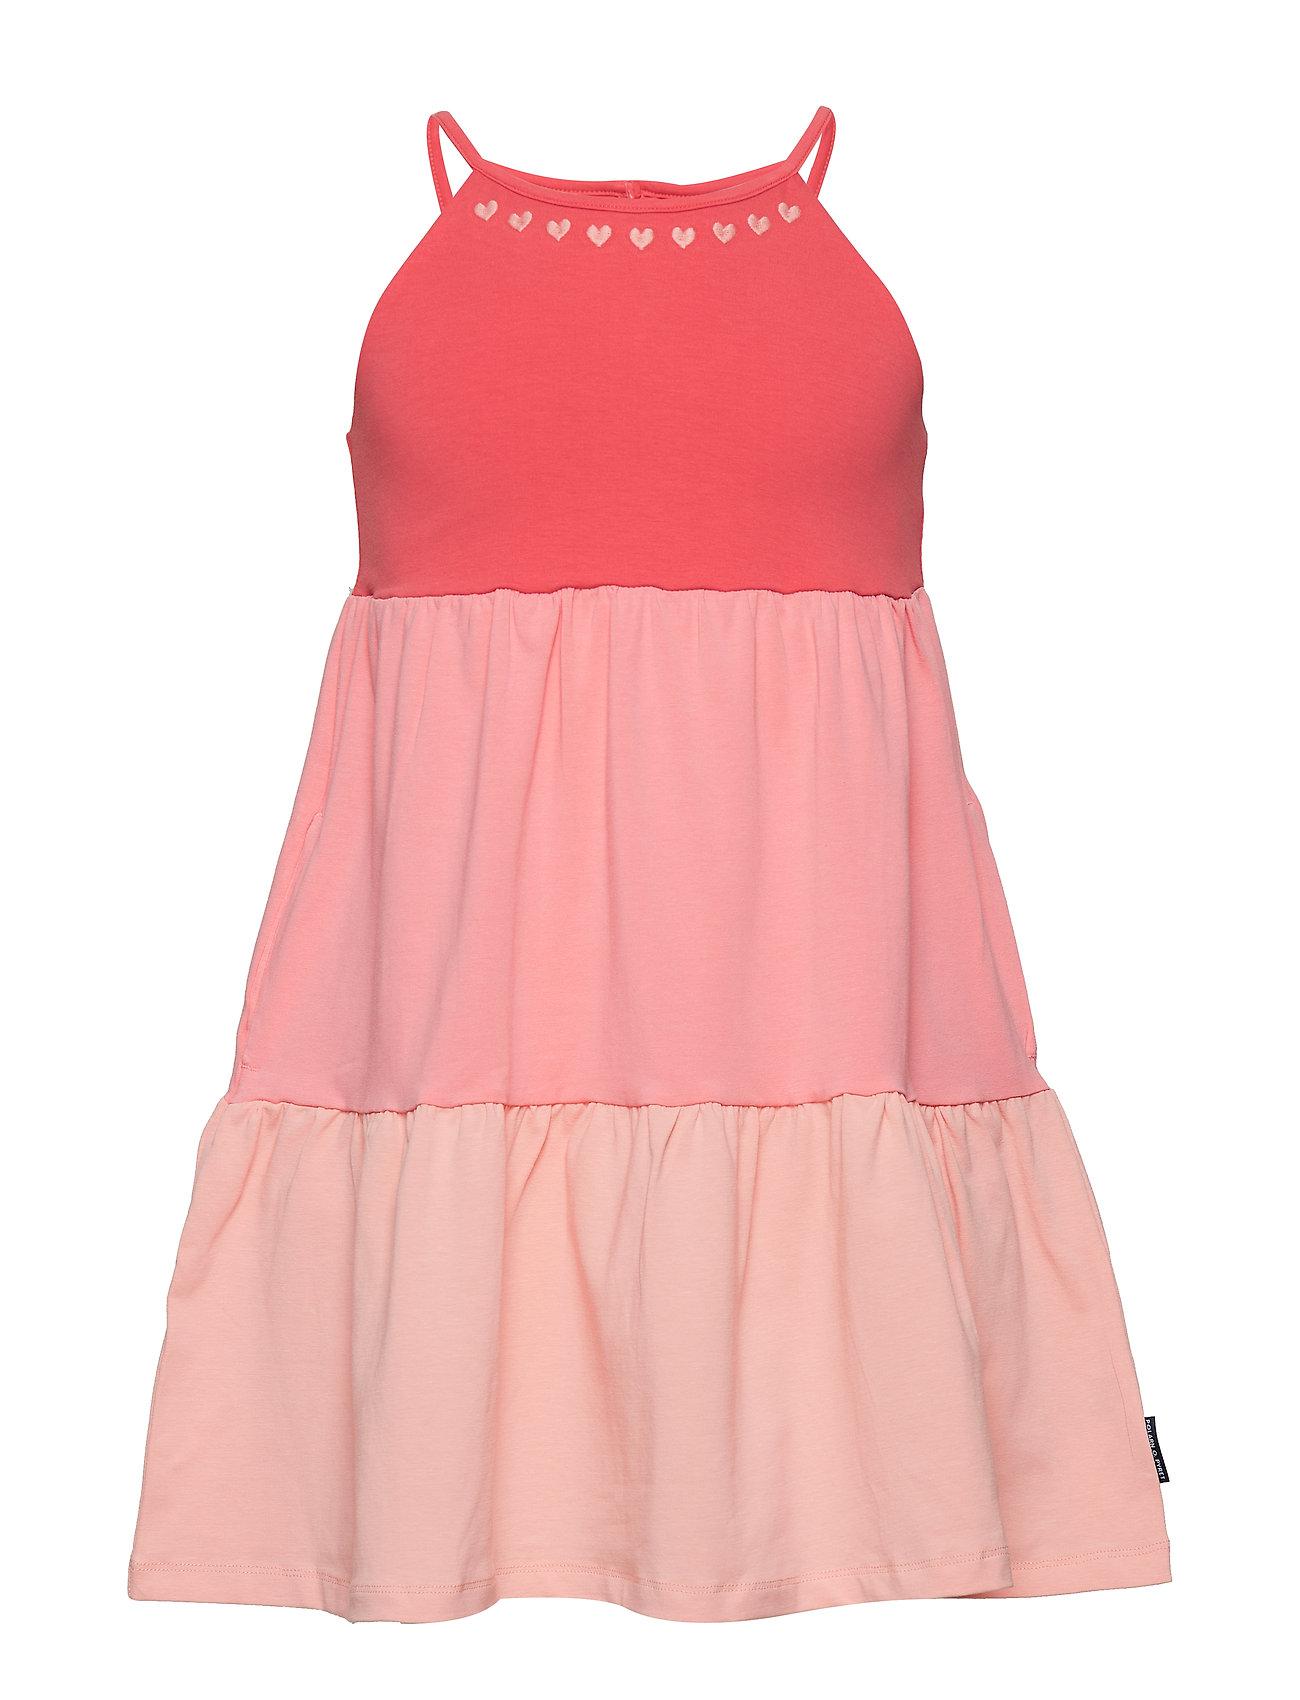 Polarn O. Pyret Dress School